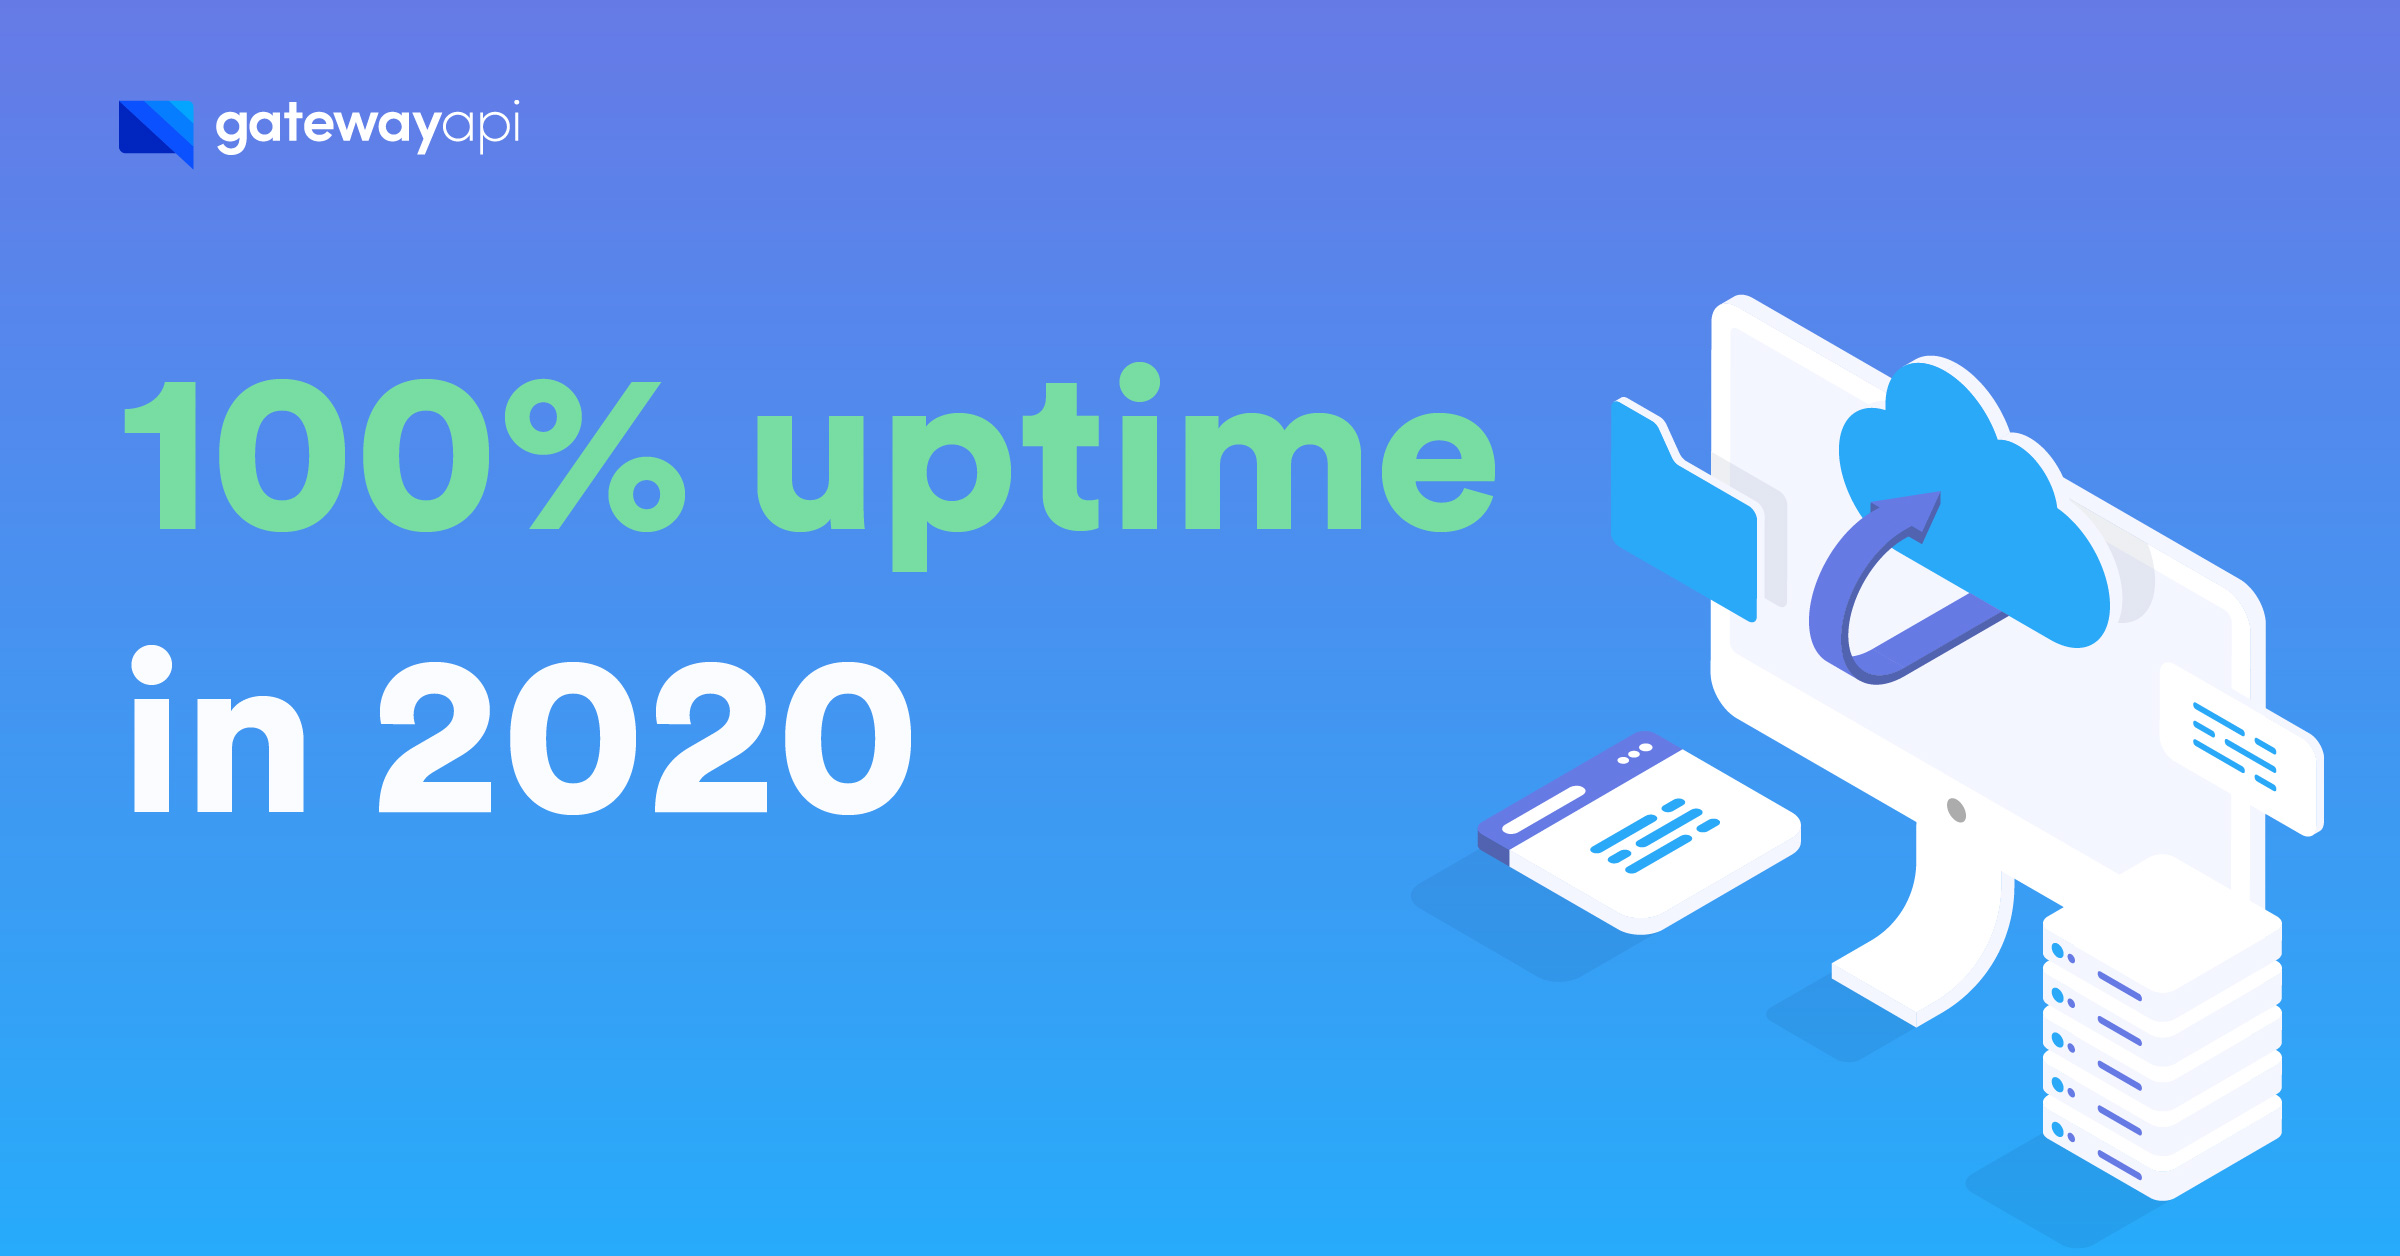 GatewayAPI delivered an uptime of 100% in 2020